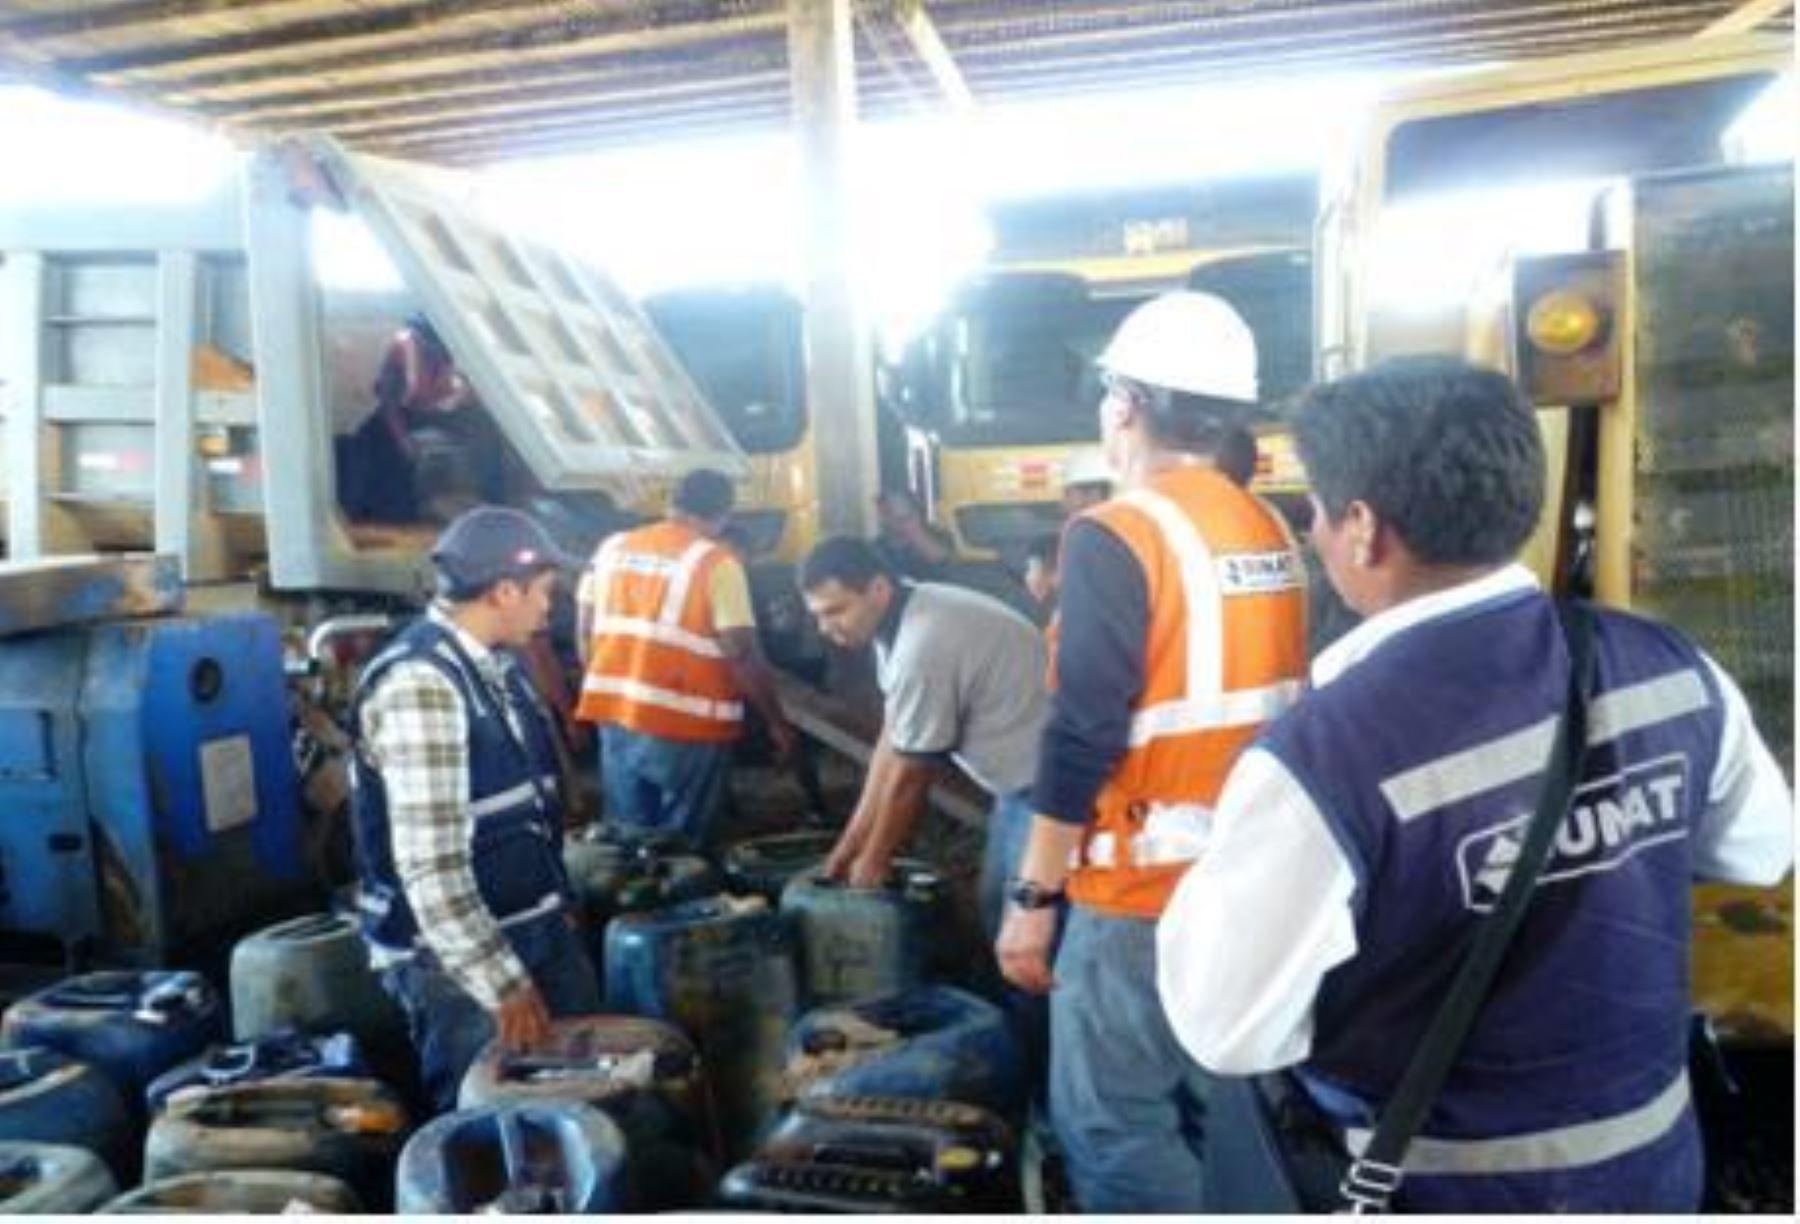 Incautan 68 kilos de mercurio y 2,400 galones de combustible en Madre de Dios. Foto: ANDINA/Difusión.